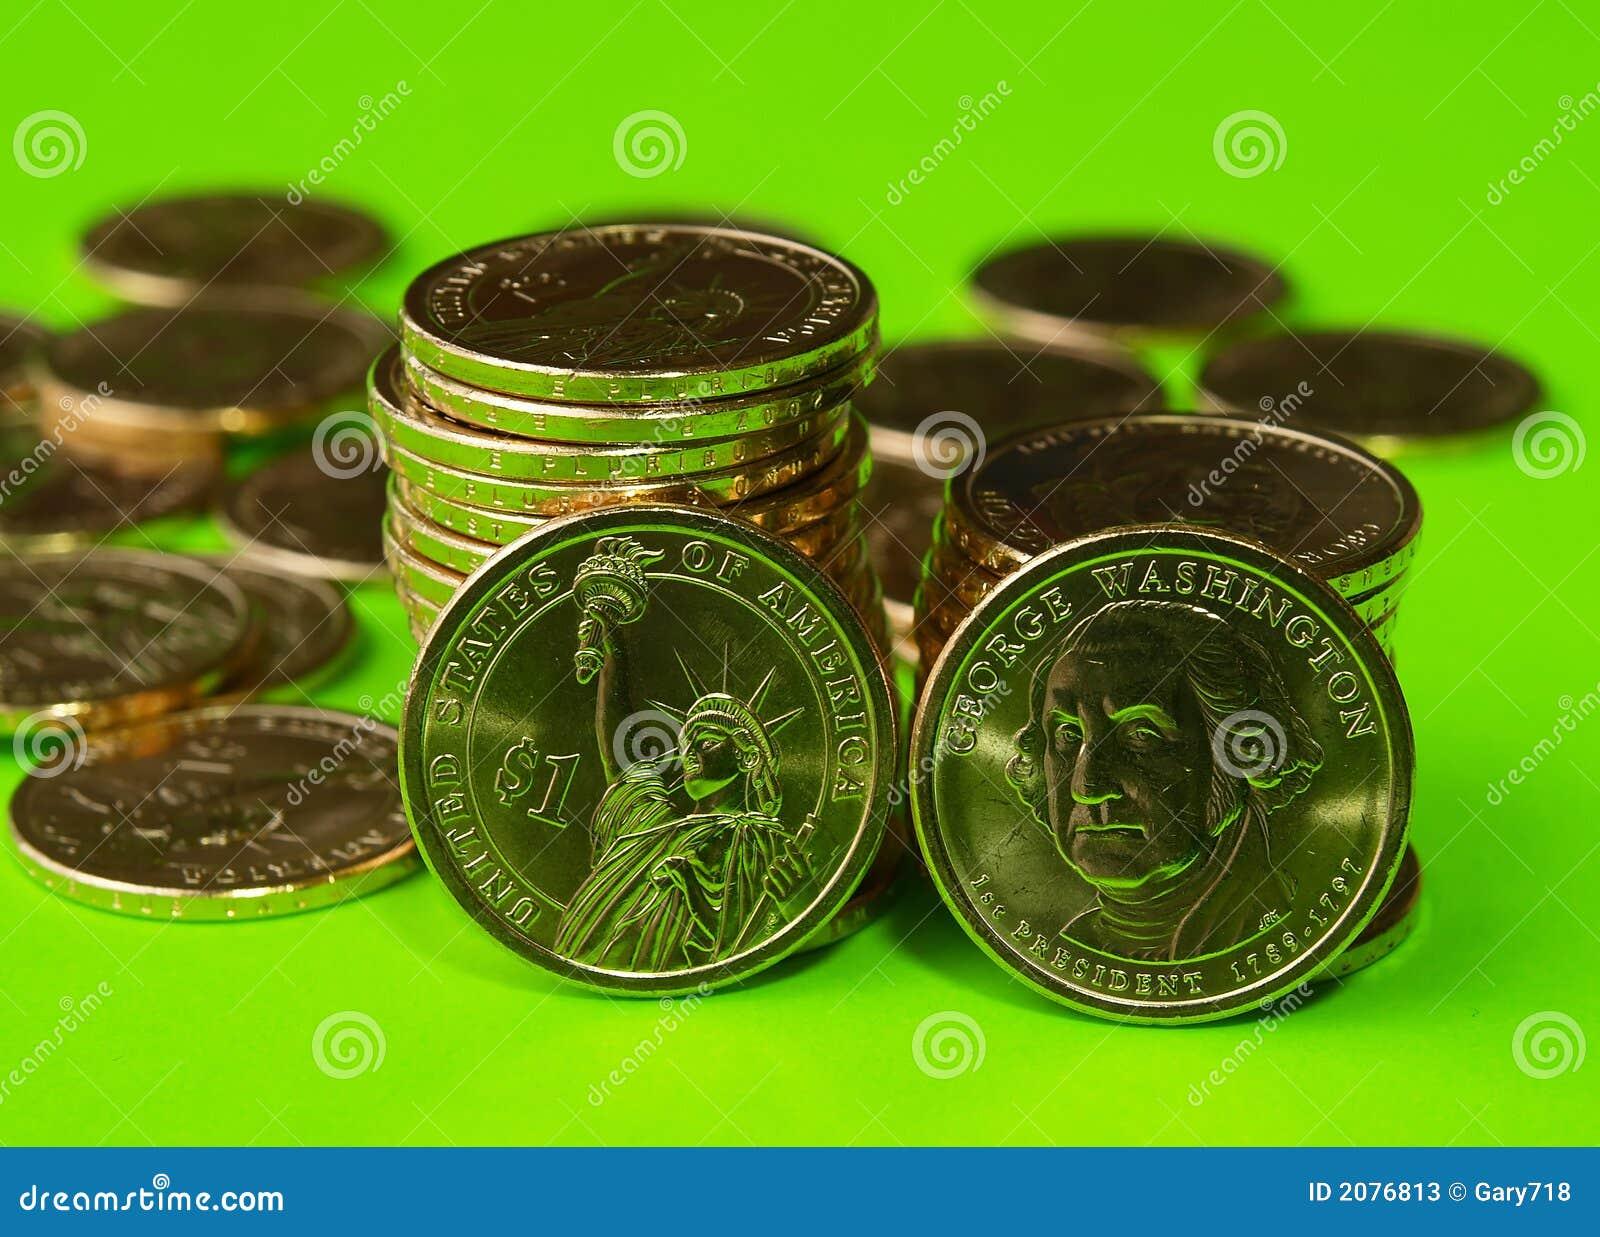 Justo do governo dos E.U. emitido o dólar presidencial novo inventa